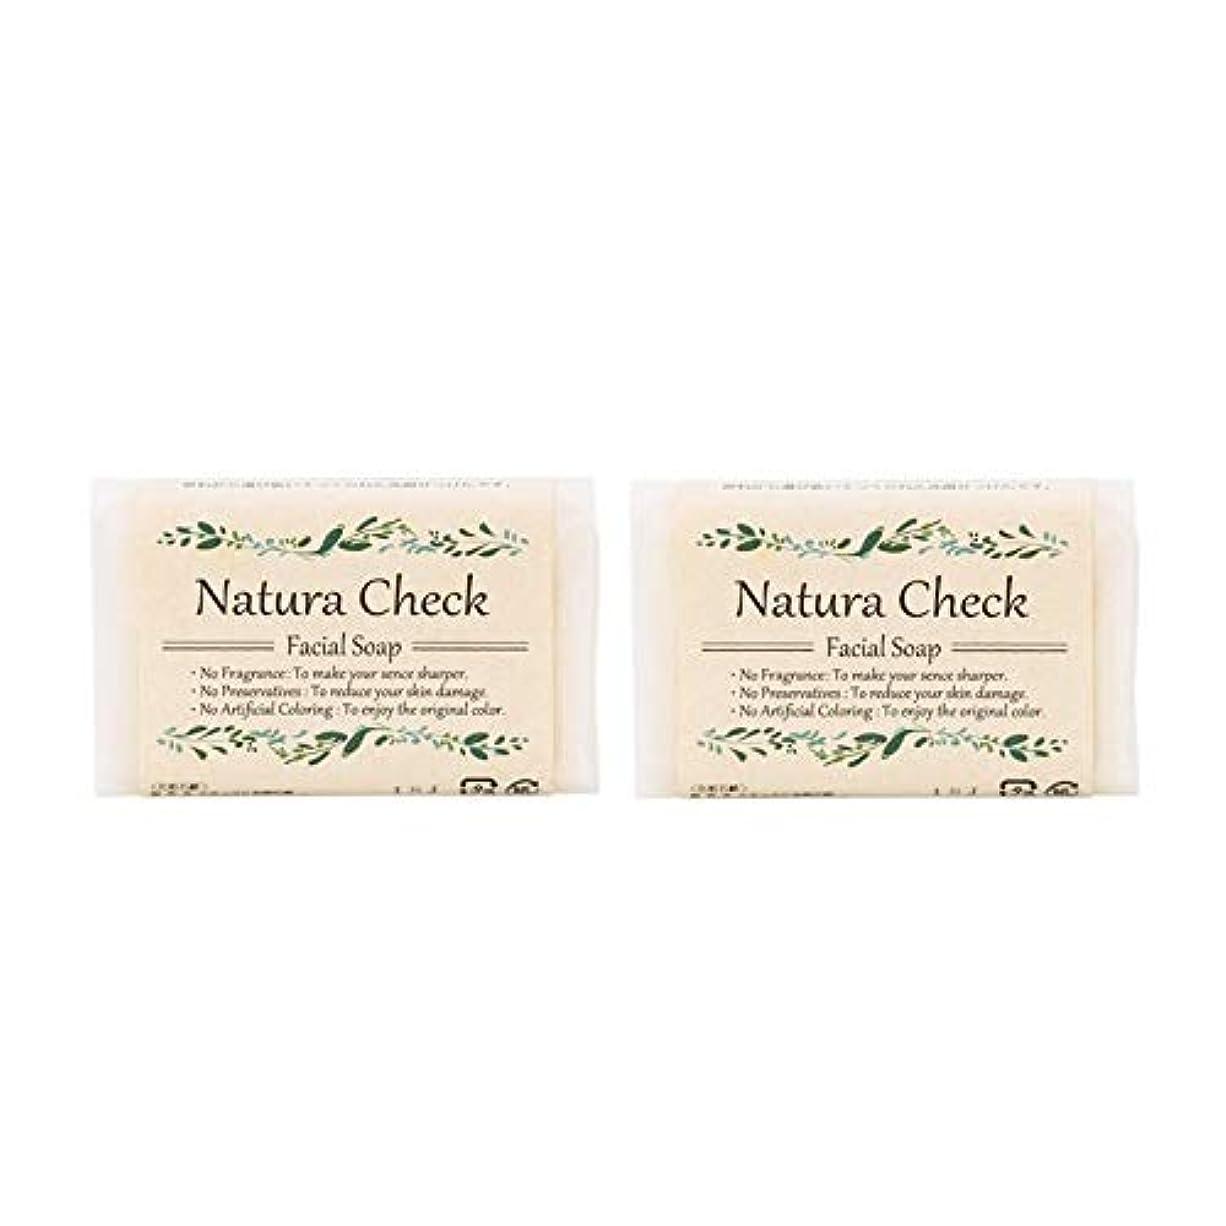 解き明かす香水従順Natura Check 無添加洗顔せっけん80g 2個セット 毛穴の黒ずみ、毛穴の開き、敏感肌、乾燥肌対策に 新生児やアトピー肌にも安心